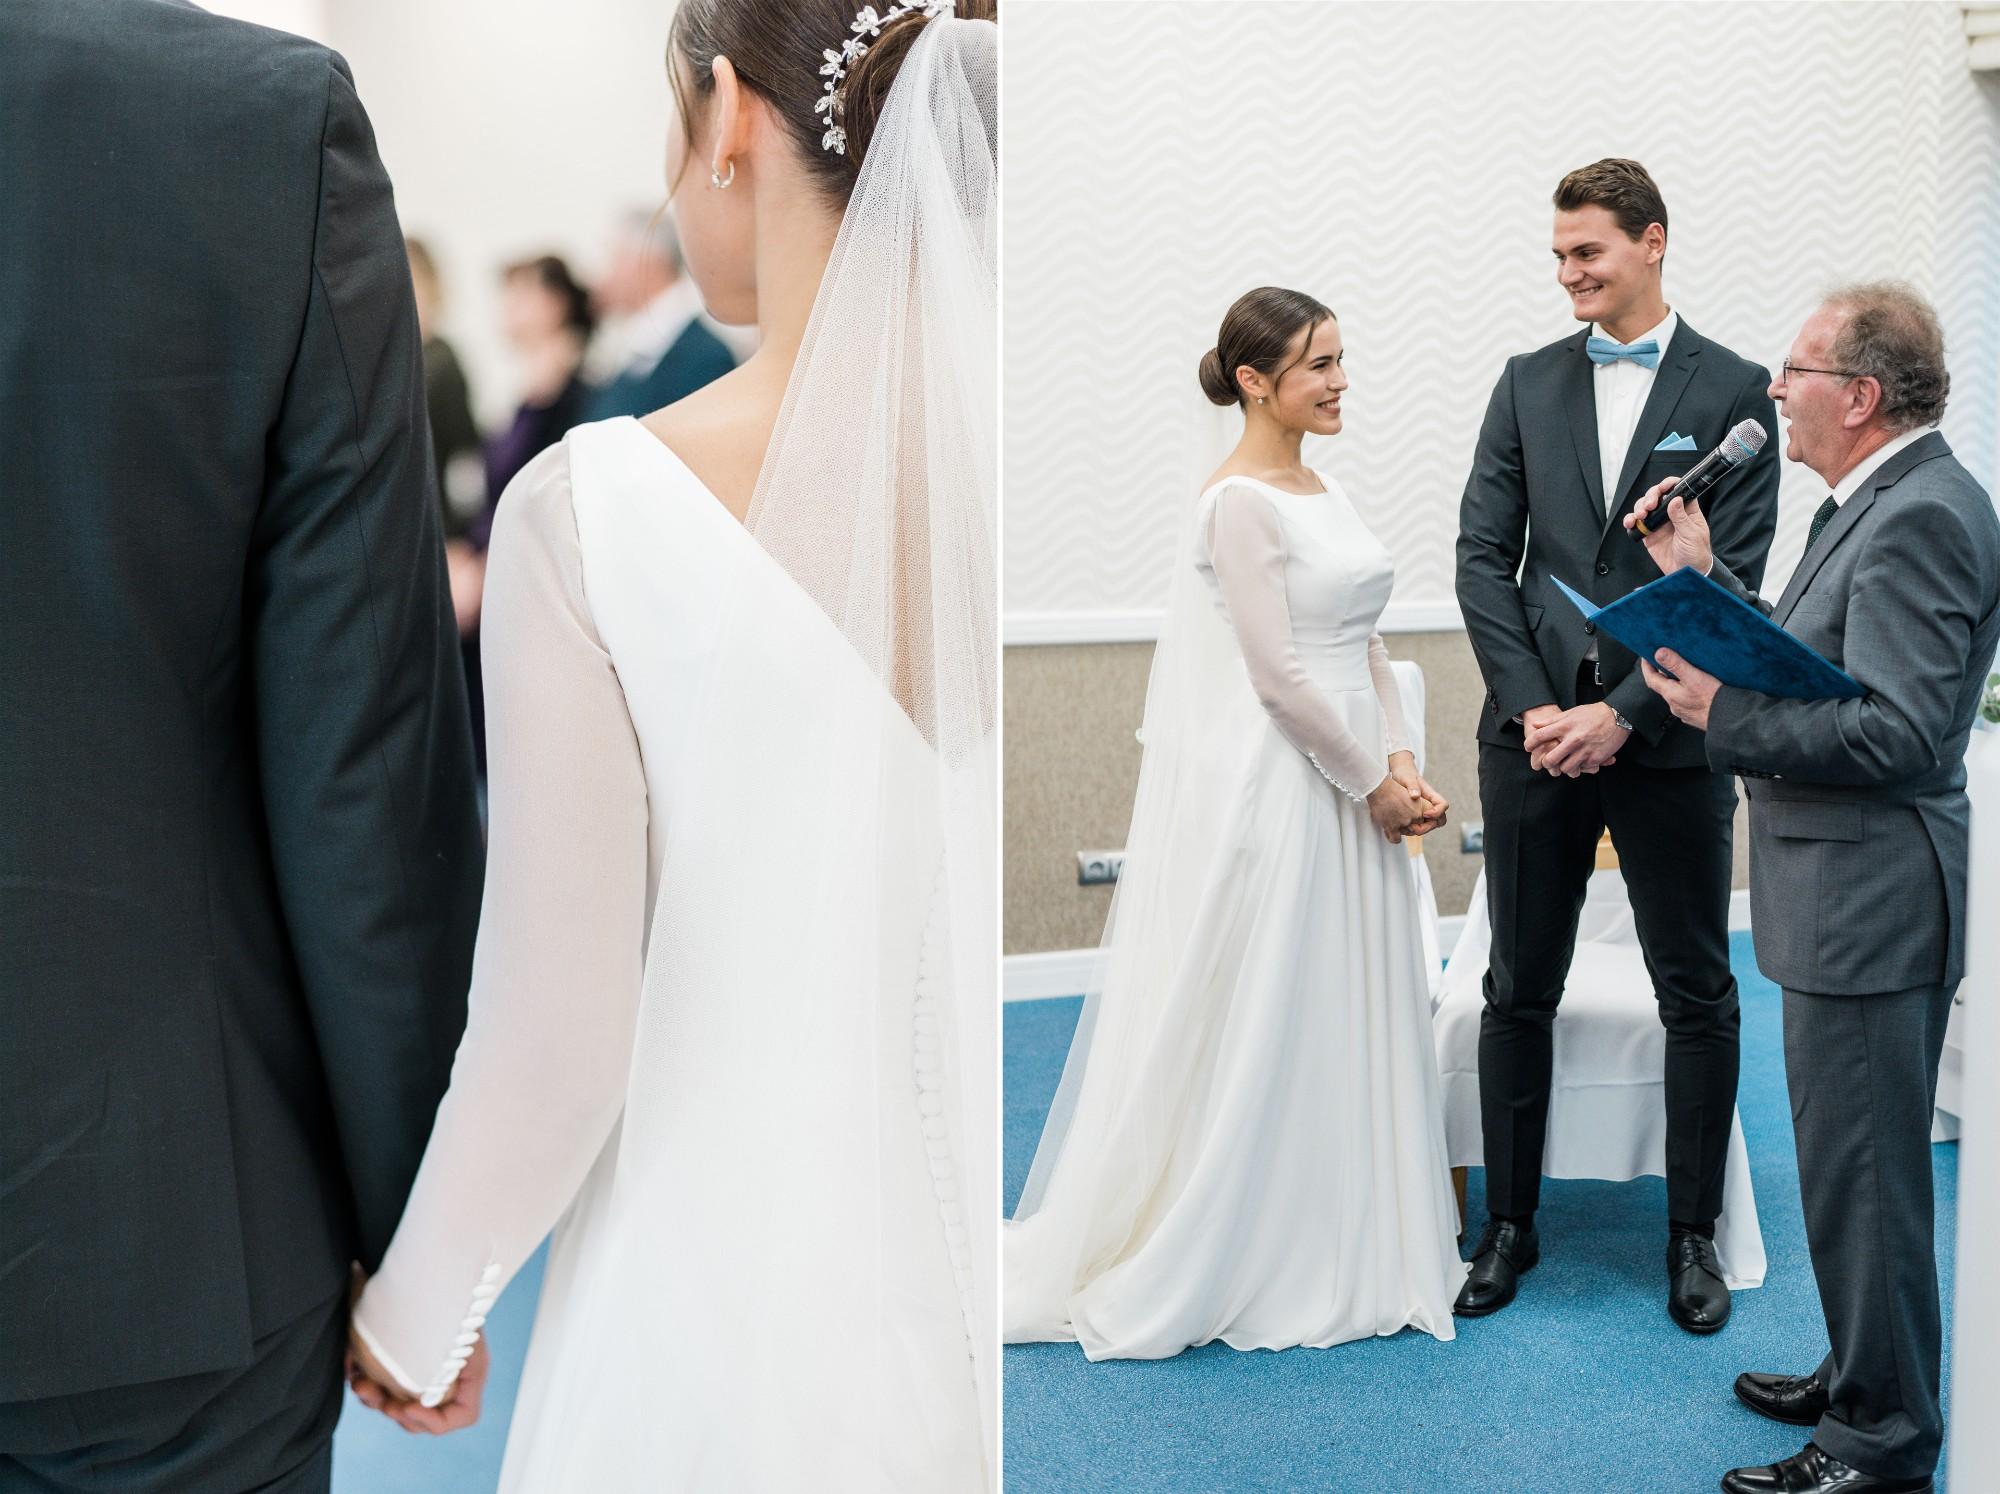 esküvő házasságkötés fineart erzelemteli fotók.jpg